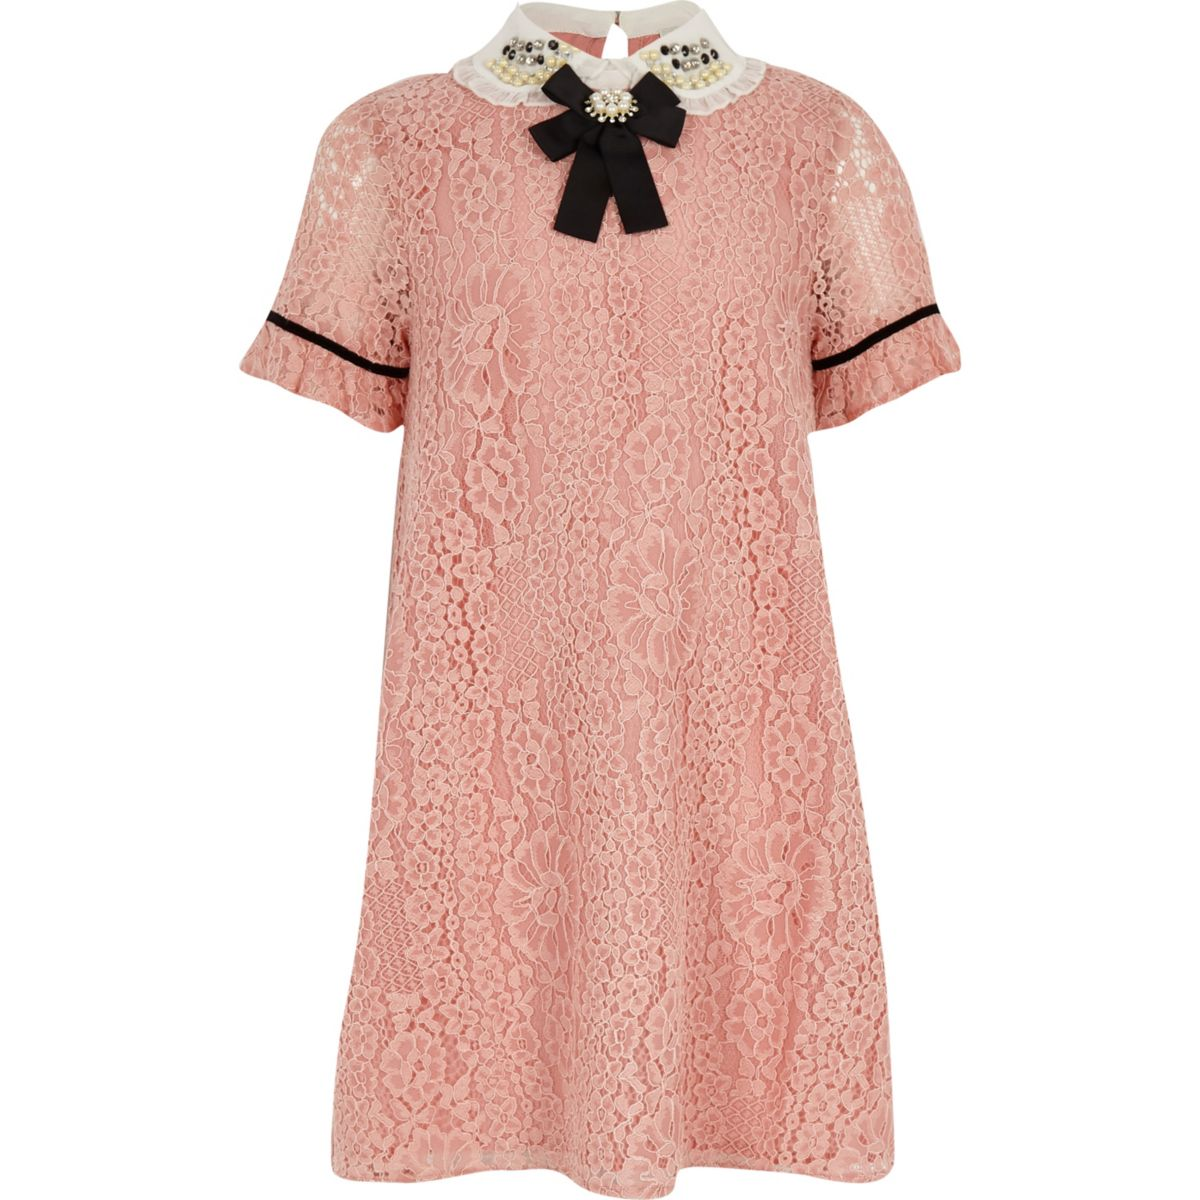 Girls pink lace collar trapeze dress